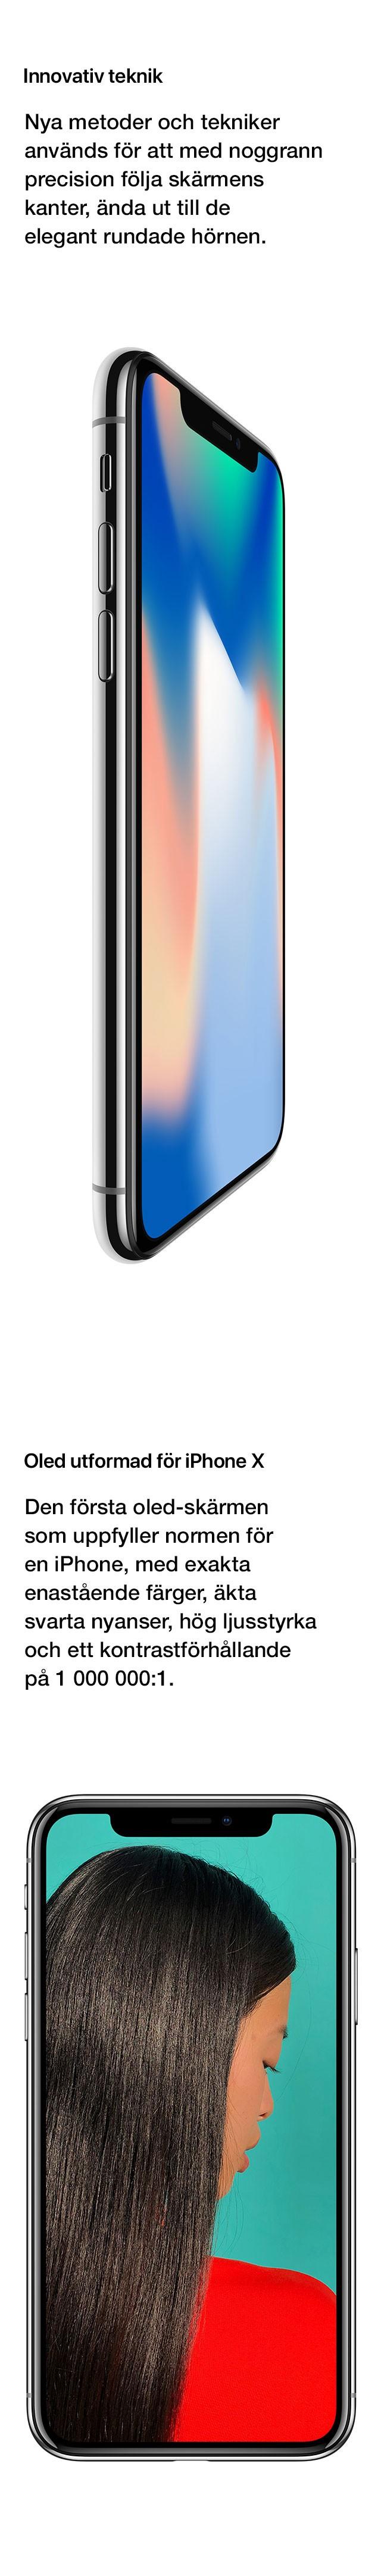 iPhone OLED-skärm